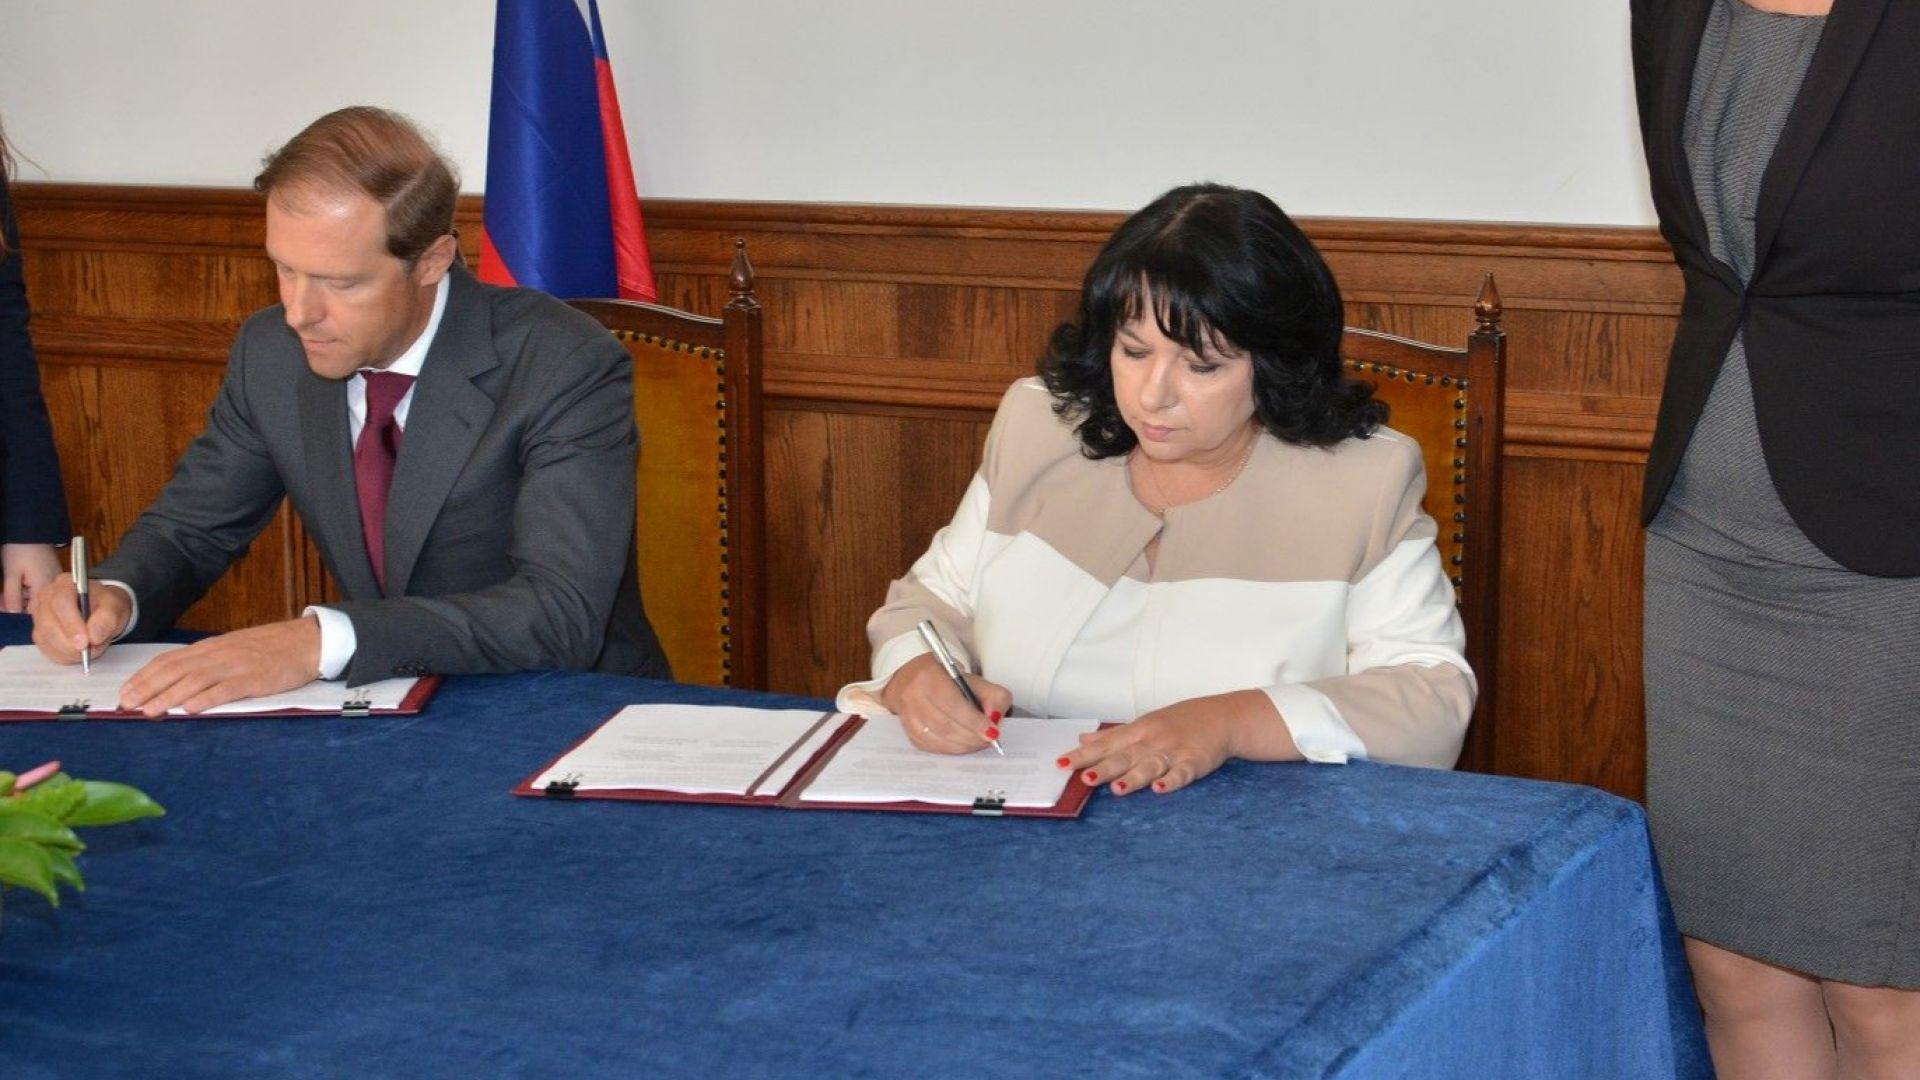 Русия планира на 1 януари да пусне газа по новата тръба през България